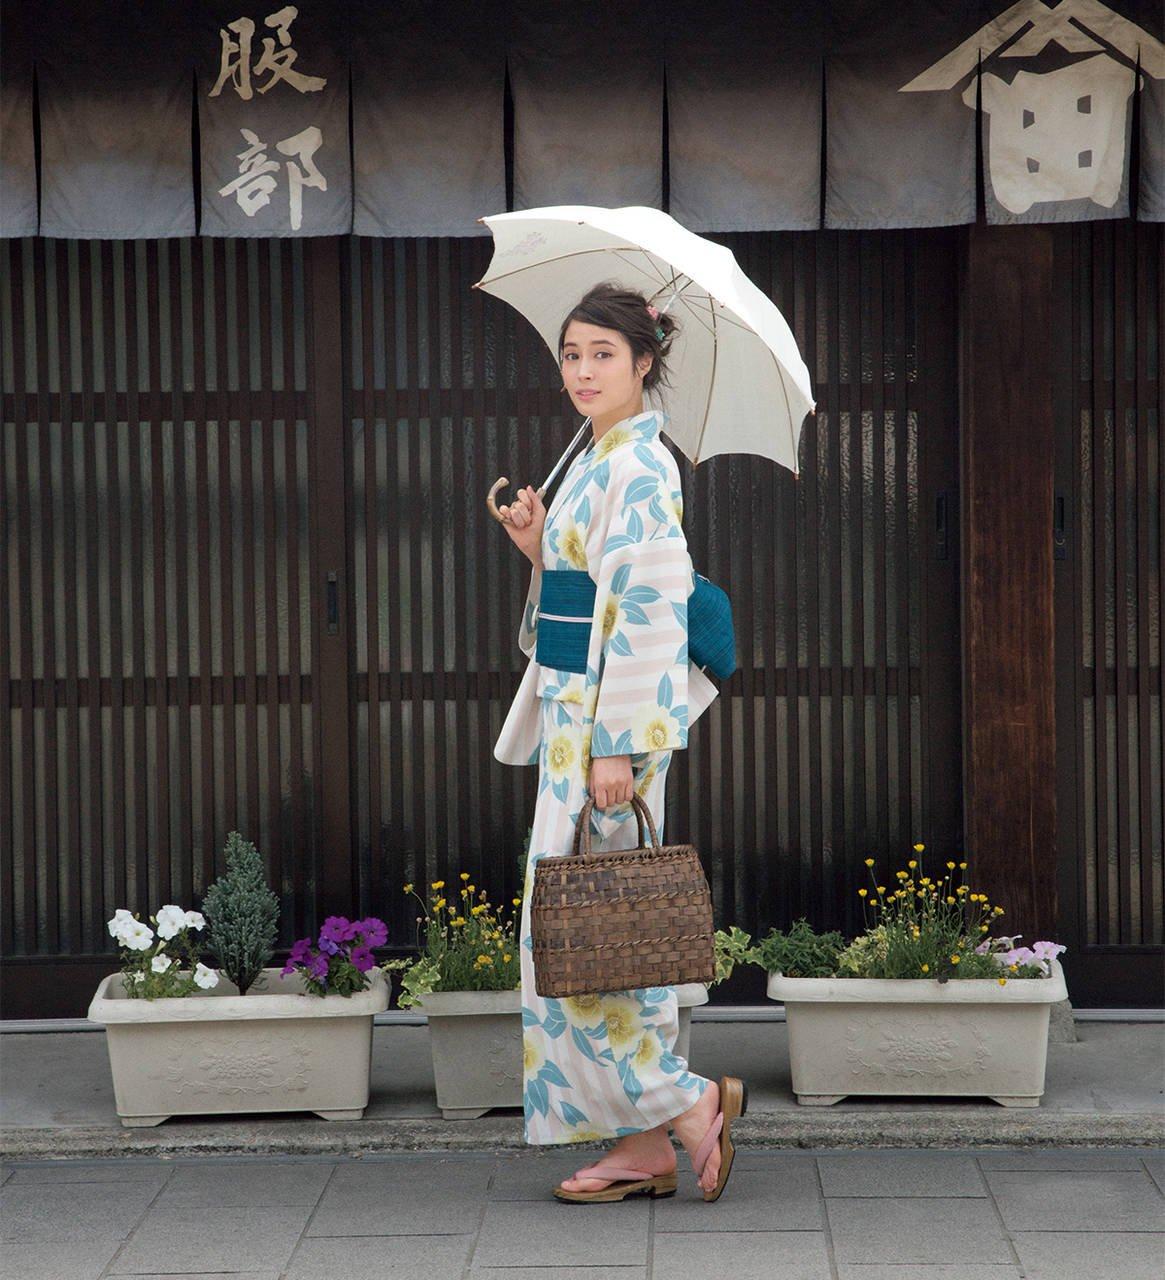 【広瀬アリス】この夏のお気に入り浴衣を見つけよう! [with]